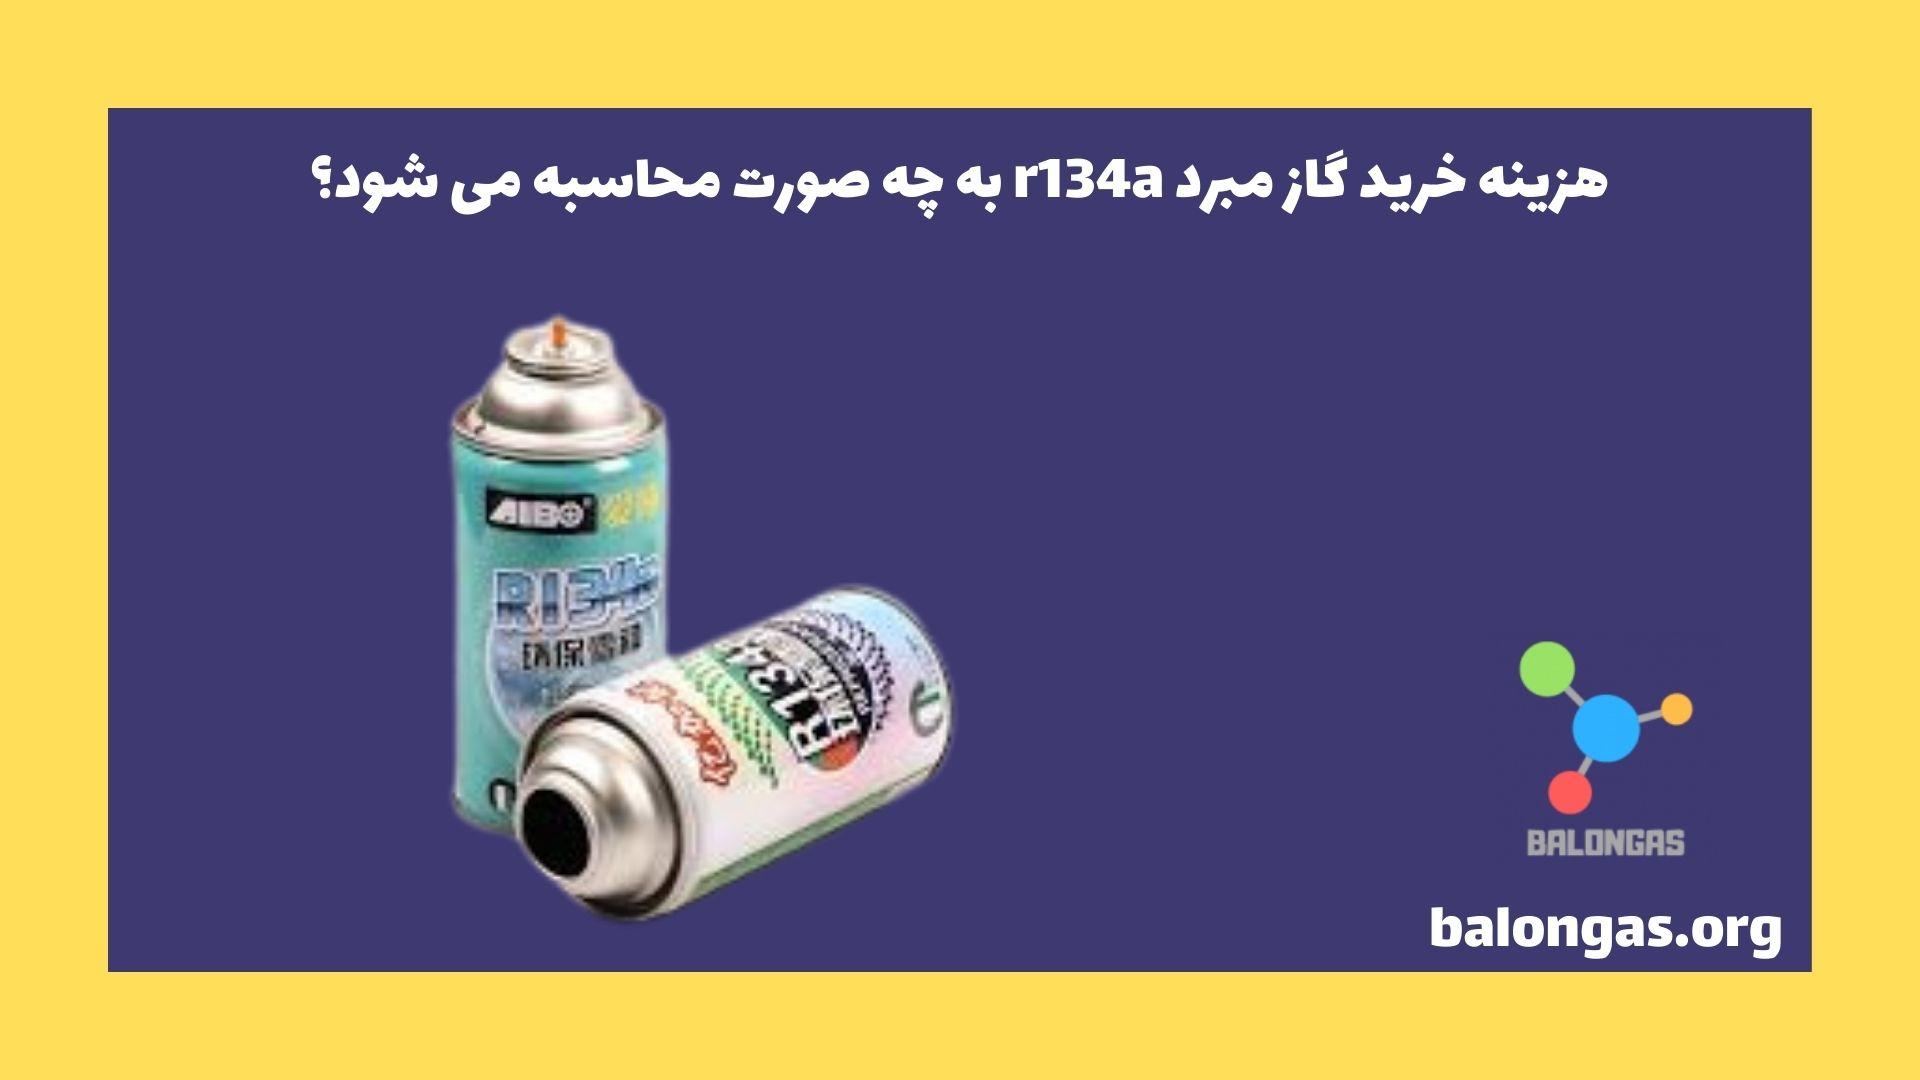 هزینه خرید گاز مبرد r134a به چه صورت محاسبه می شود؟